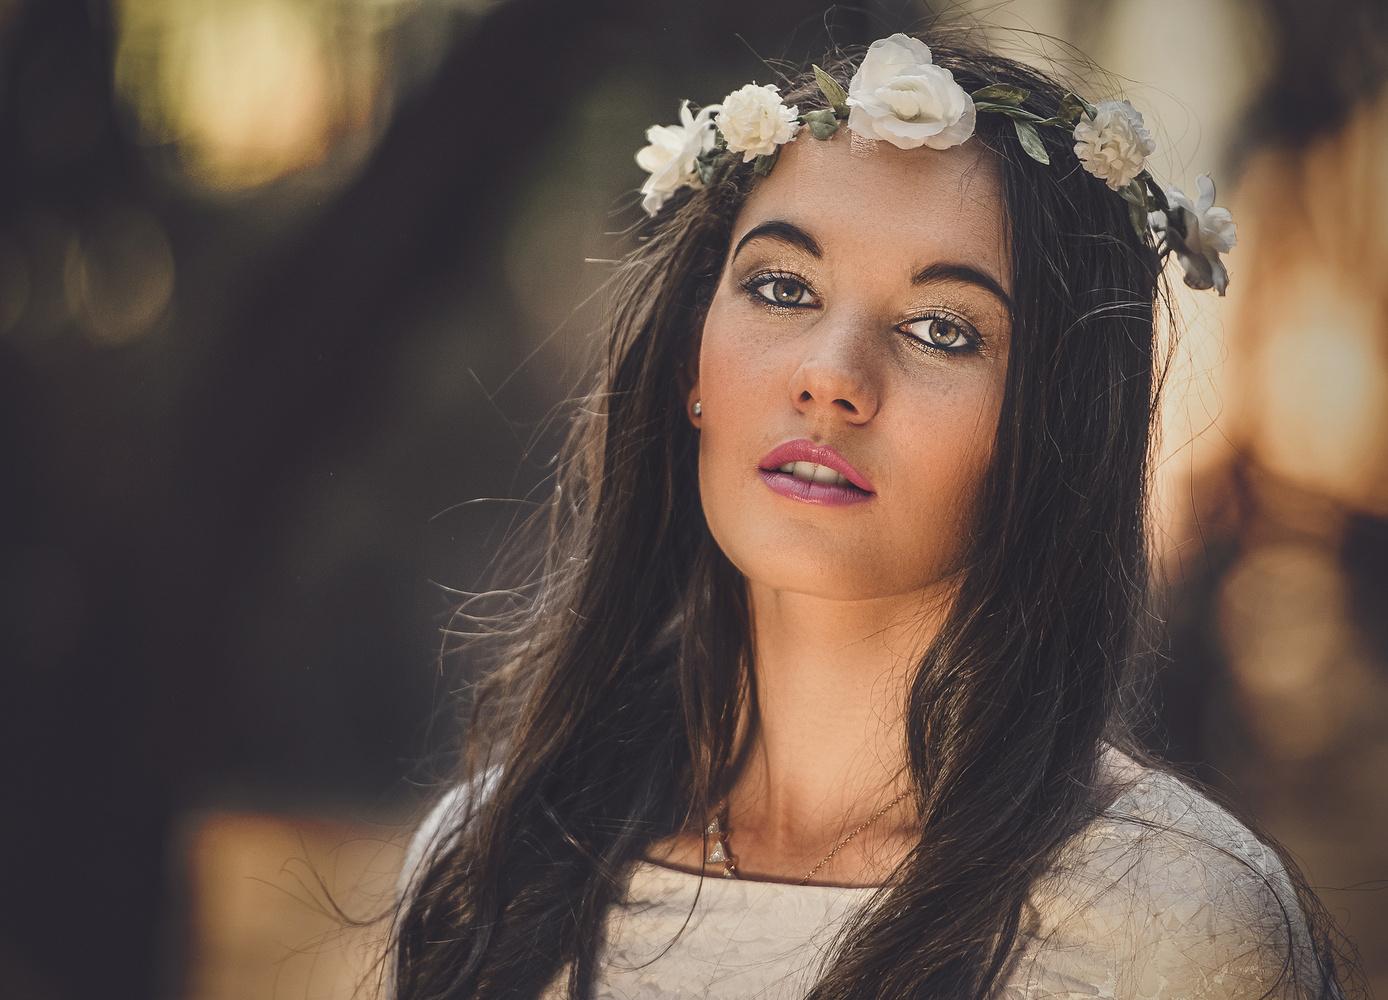 Bride of flowers by Jan Swanepoel